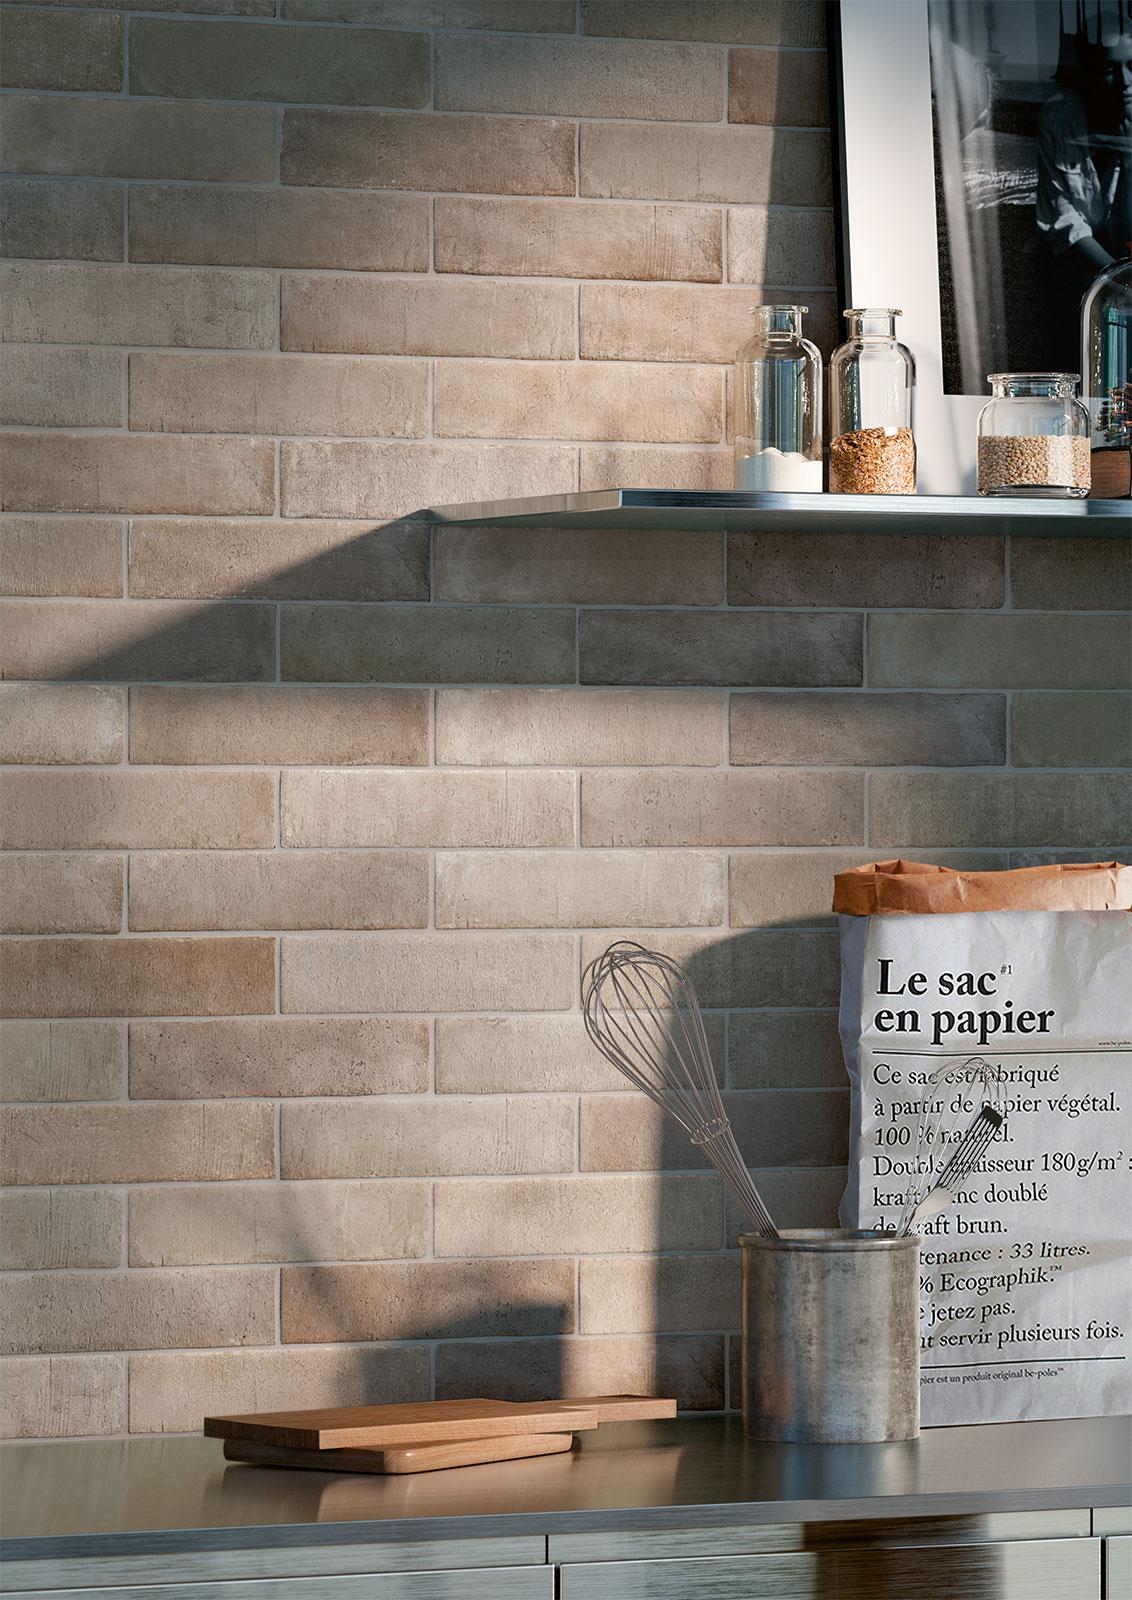 catalogo piastrelle cucina - 28 images - piastrelle in ceramica per ...